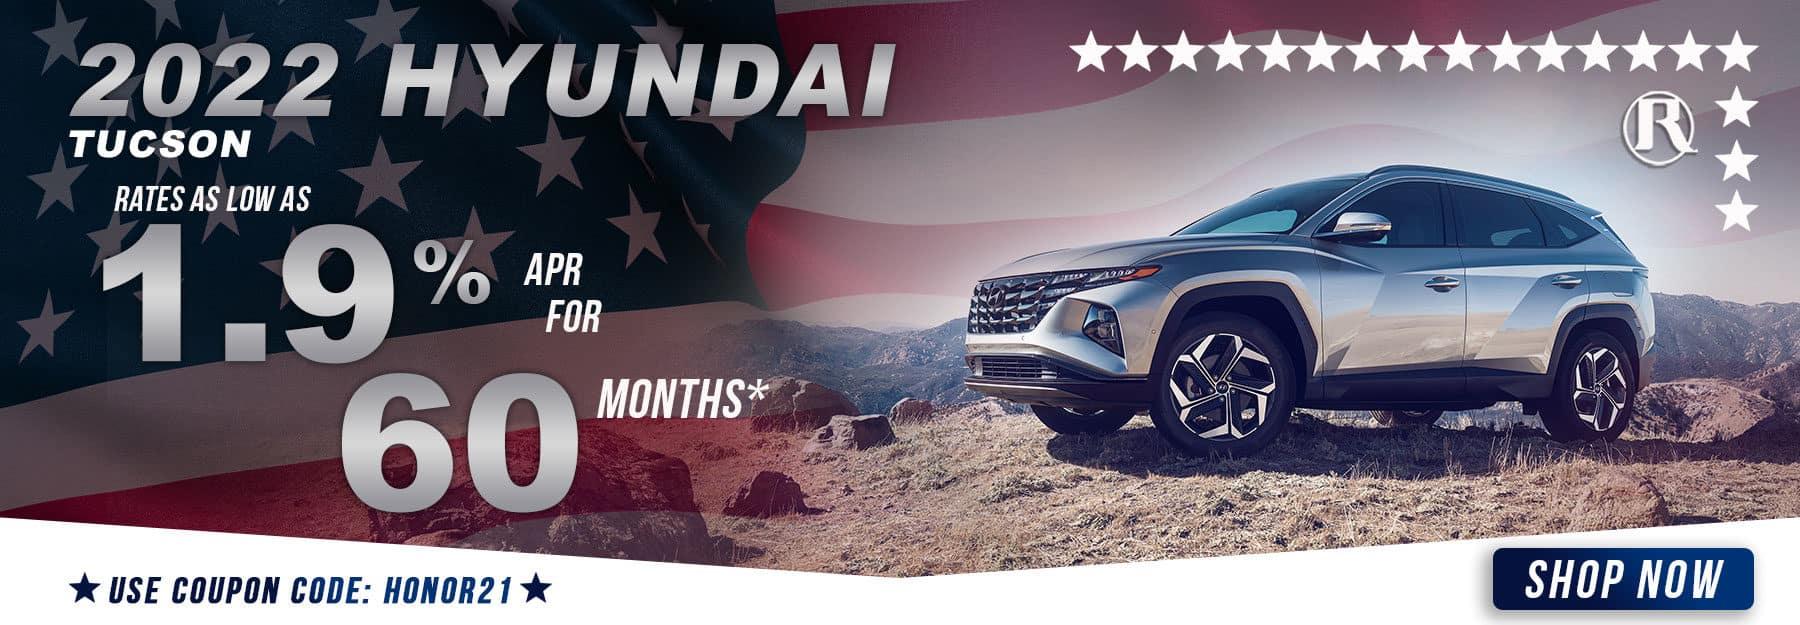 2022 Hyundai Tucson Reed Hyundai St Joseph